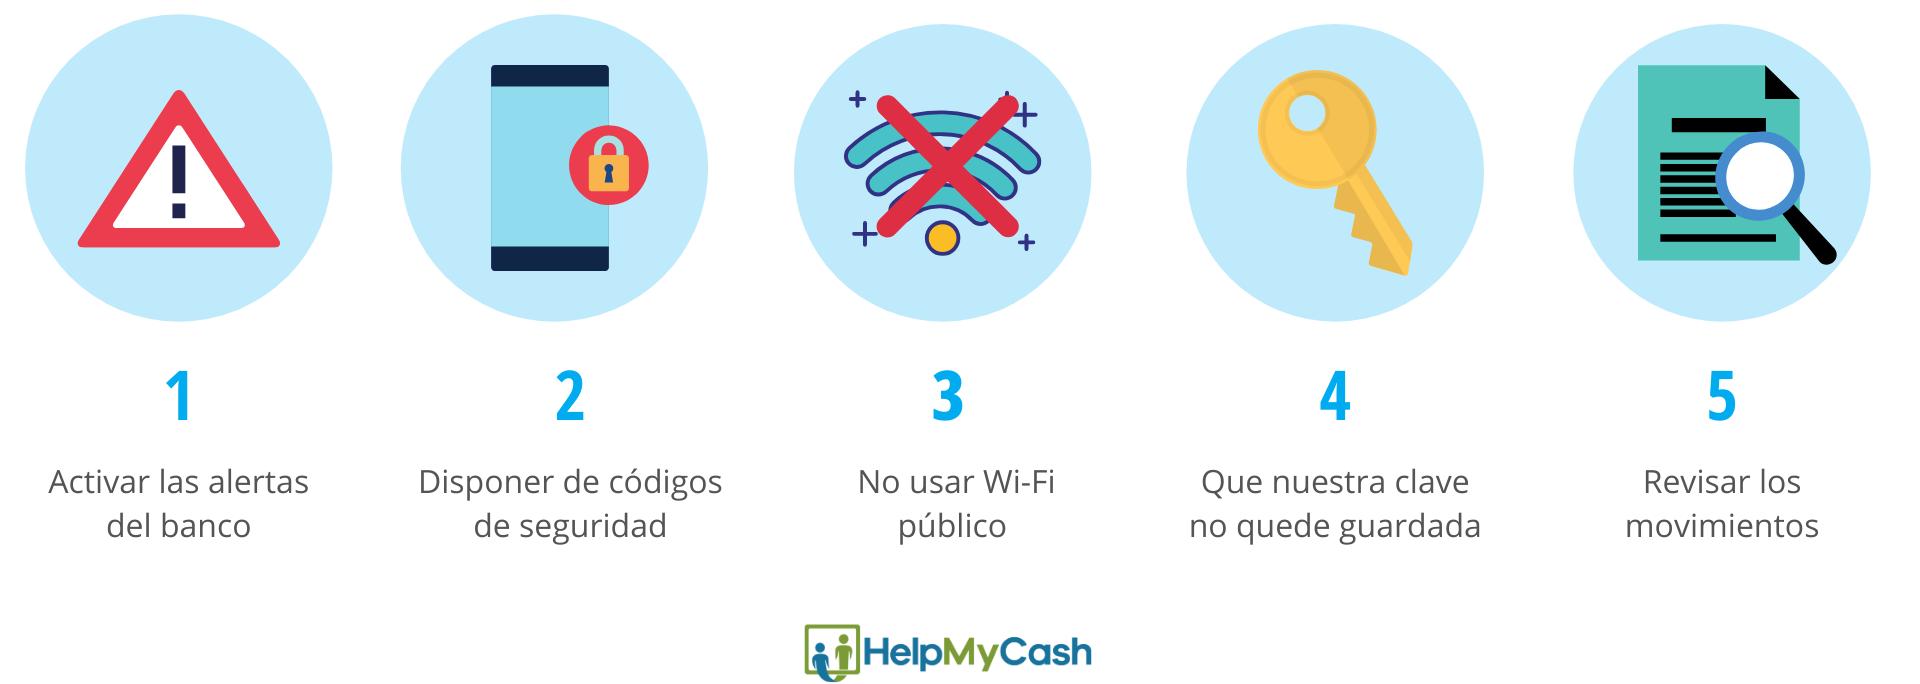 Seguridad de una cuenta bancaria: 1- activar las alertas del banco. 2- disponer de códigos de seguridad. 3- no usar Wi-Fi público. 4- que nuestra clave no quede guardada. 5- revisar los movimientos.